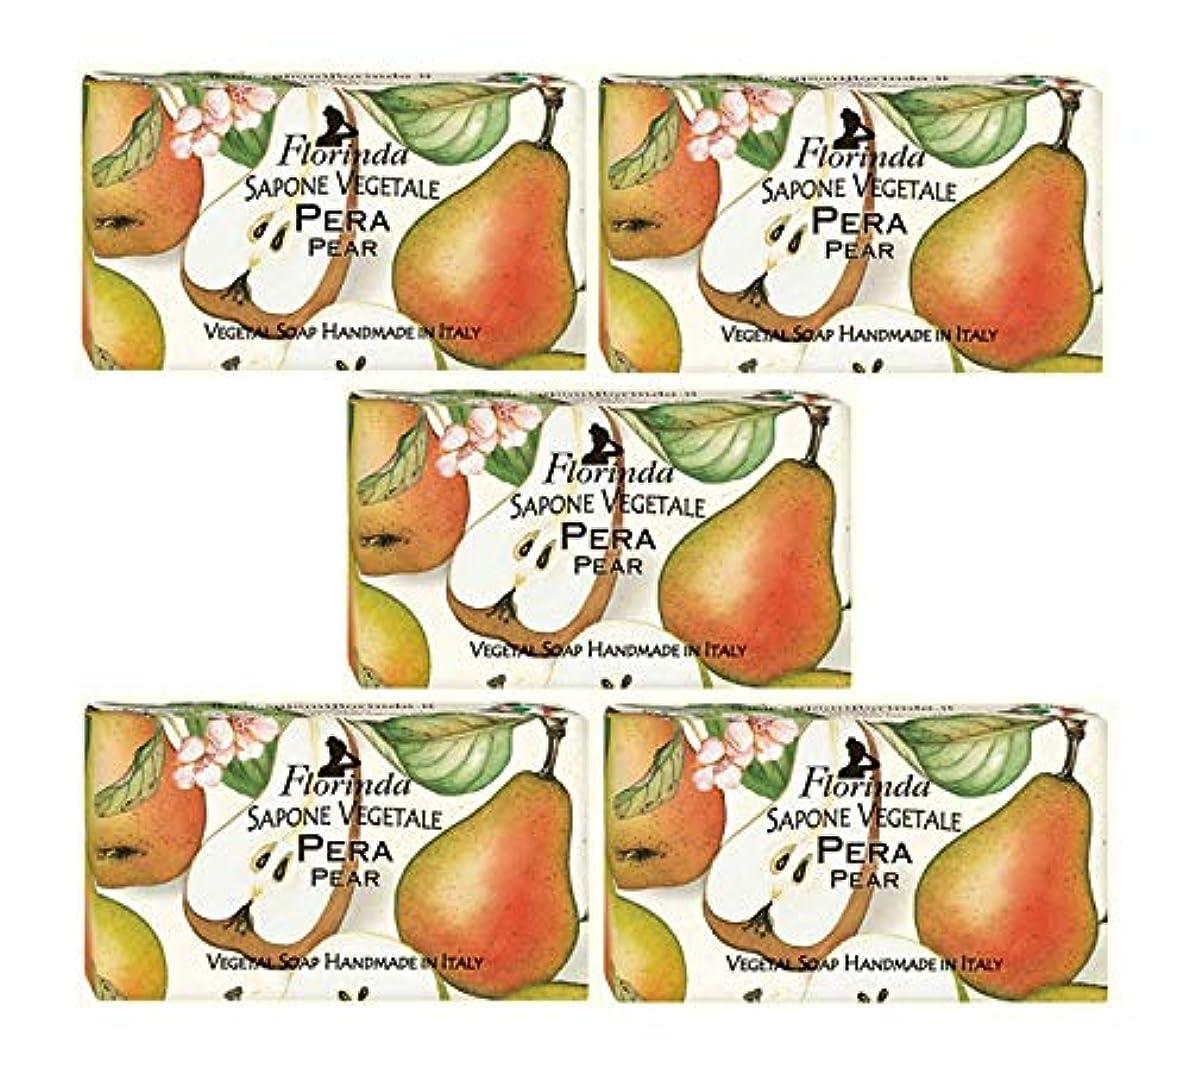 いらいらするビュッフェ私のフロリンダ フレグランスソープ 固形石けん フルーツの香り ペア 95g×5個セット